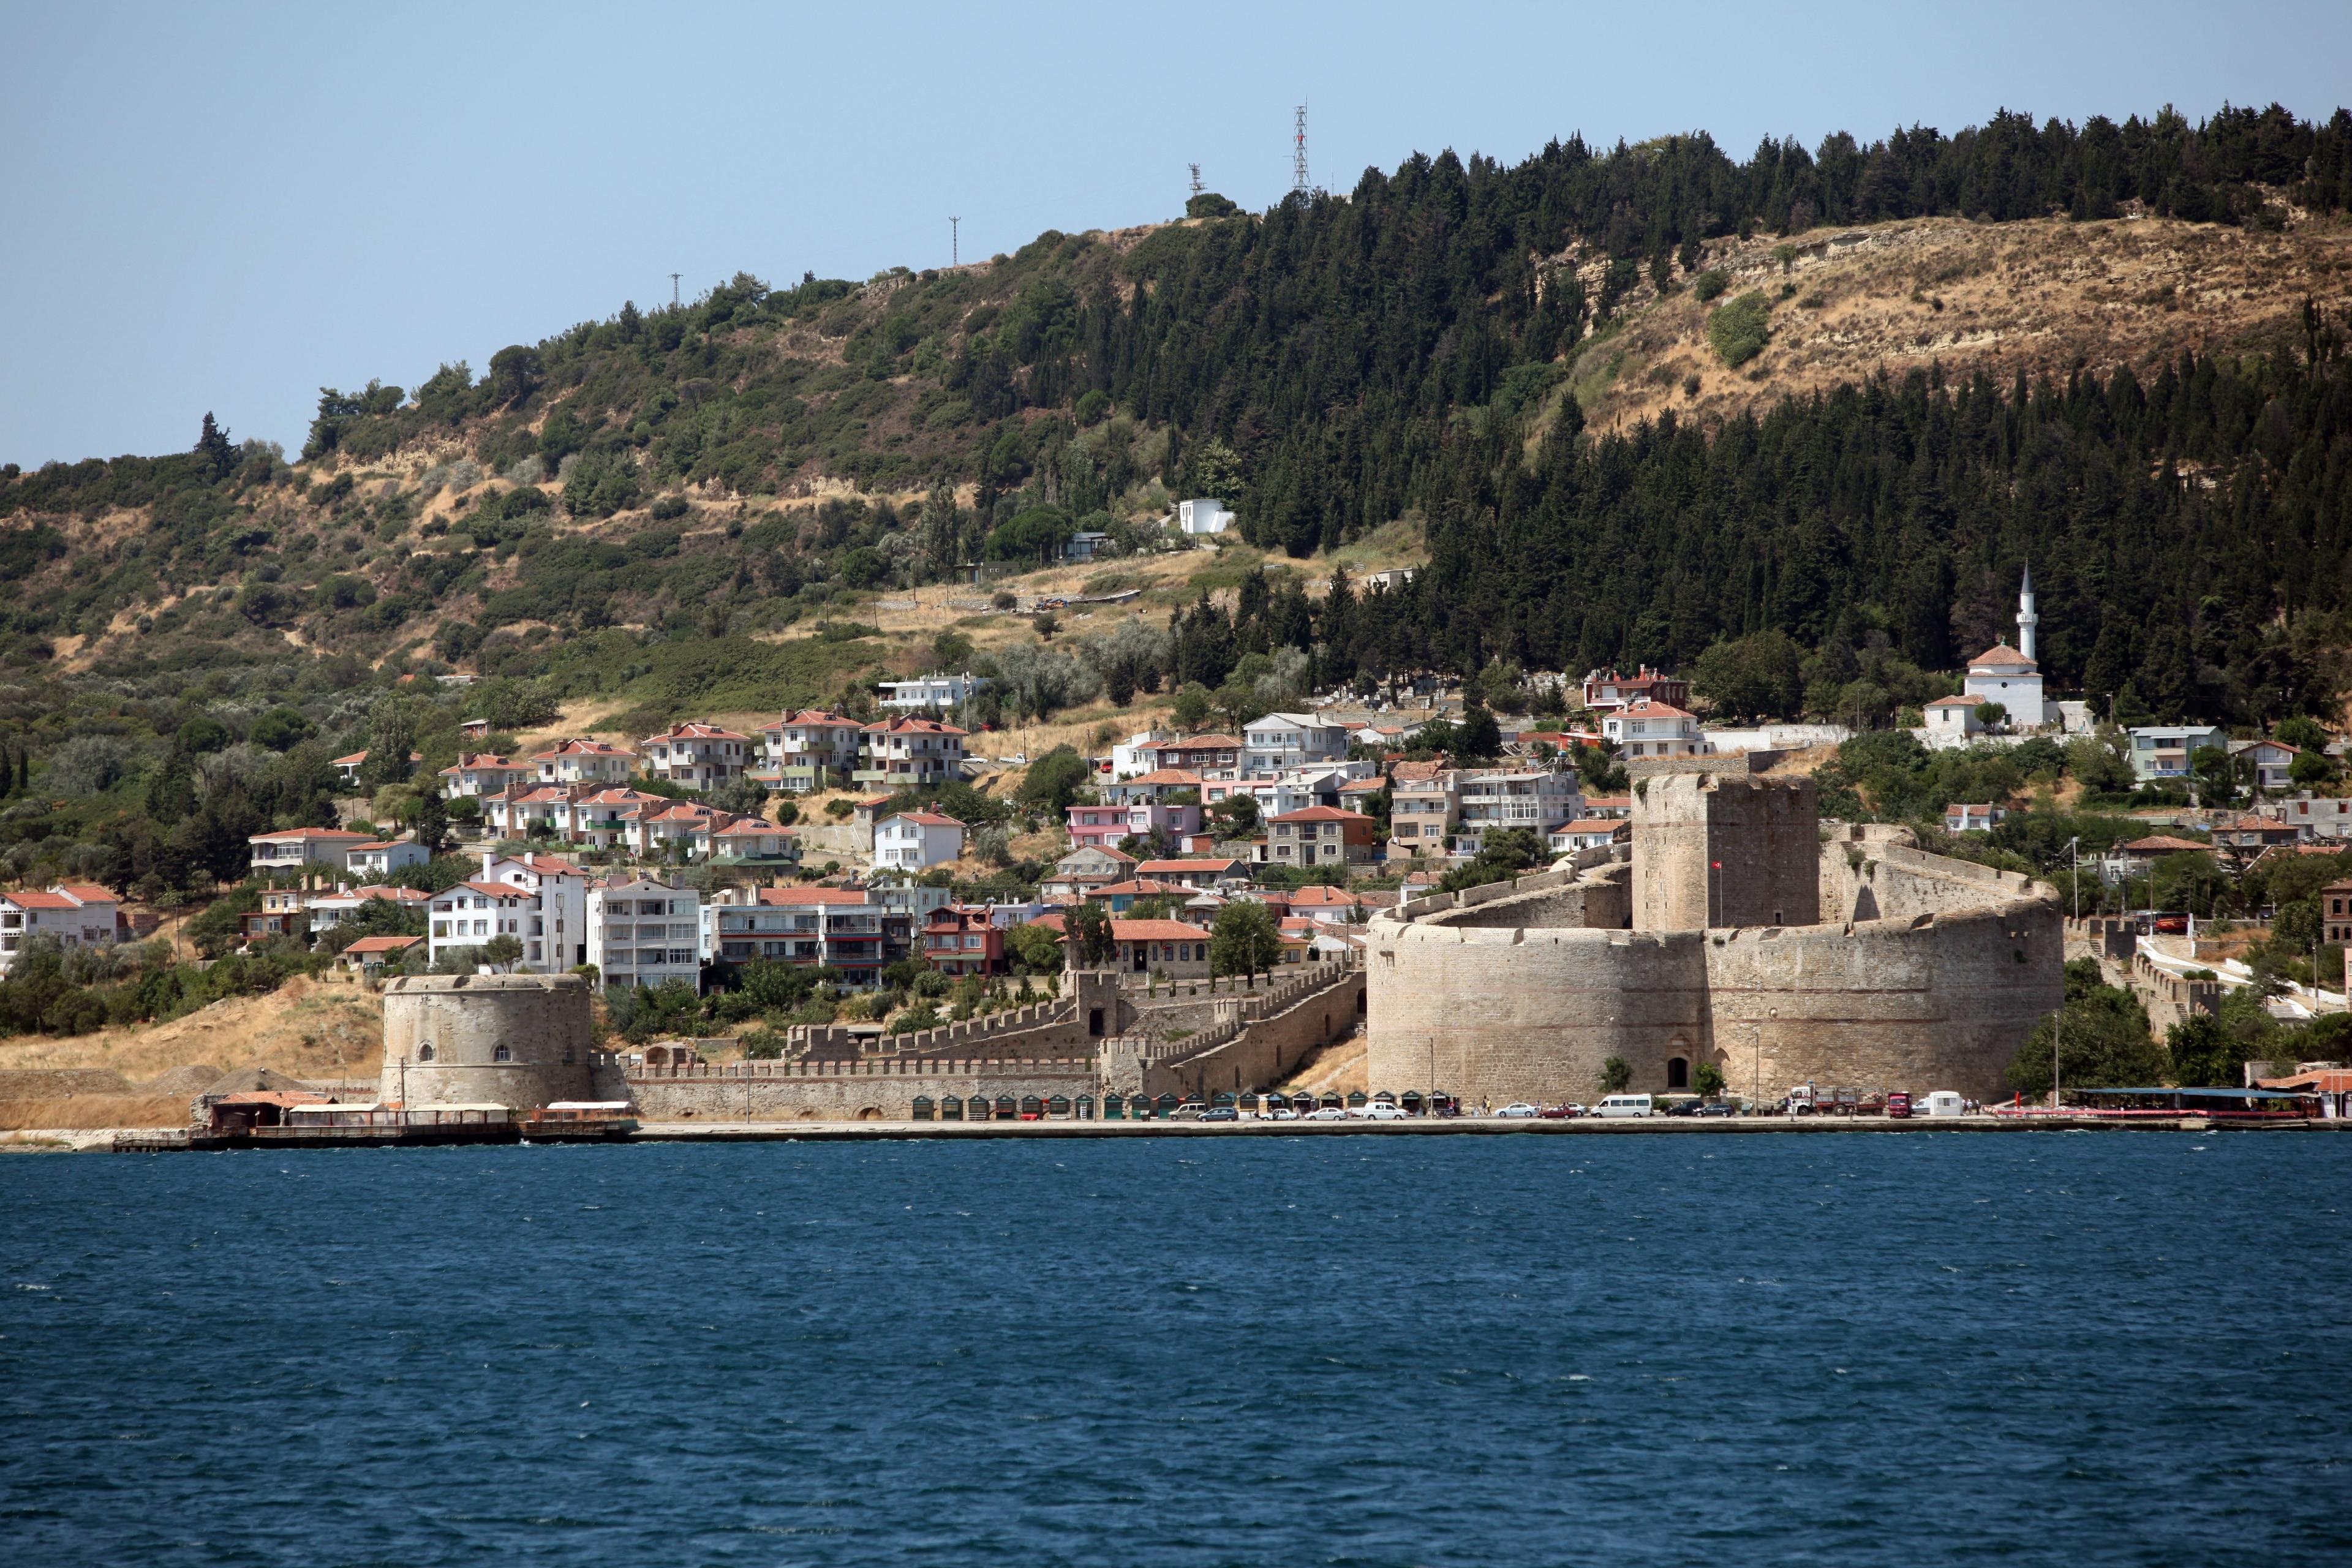 Burg von Kilitbahir, Eceabat, Canakkale, Türkei